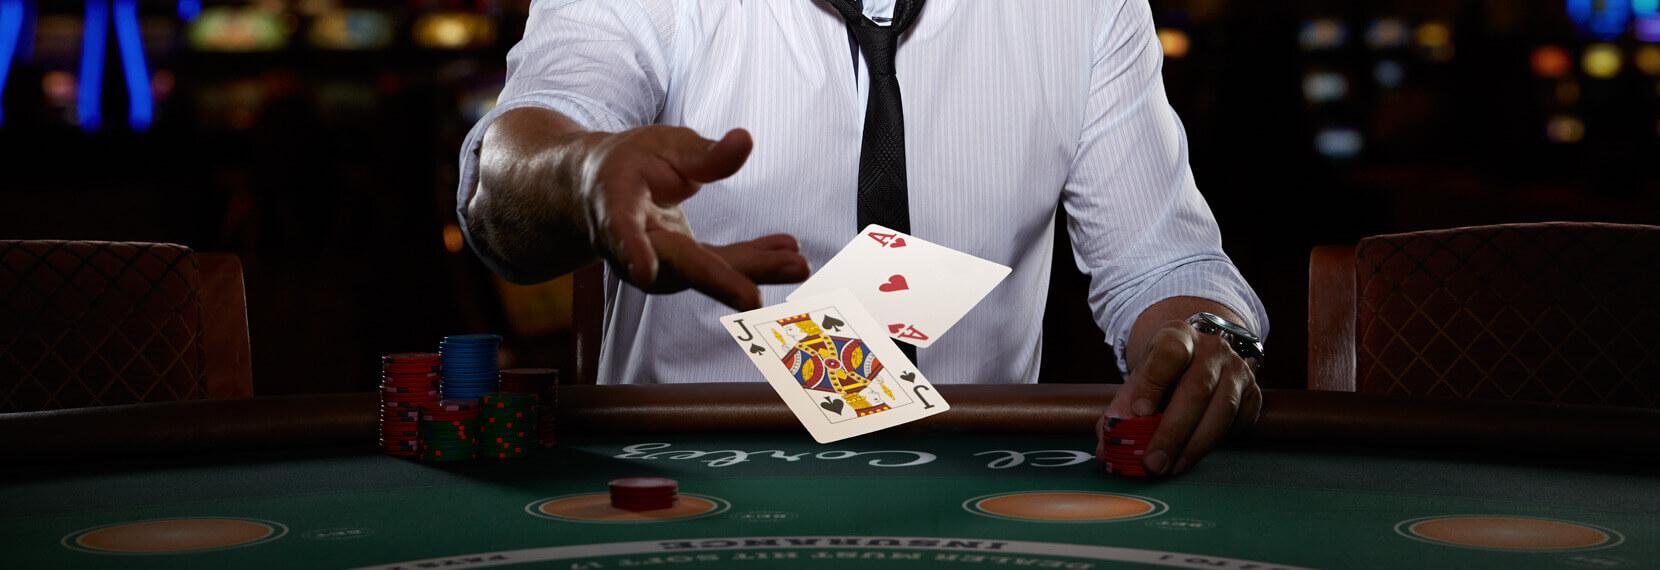 Blackjack en ligne : comment devenir une pro ?